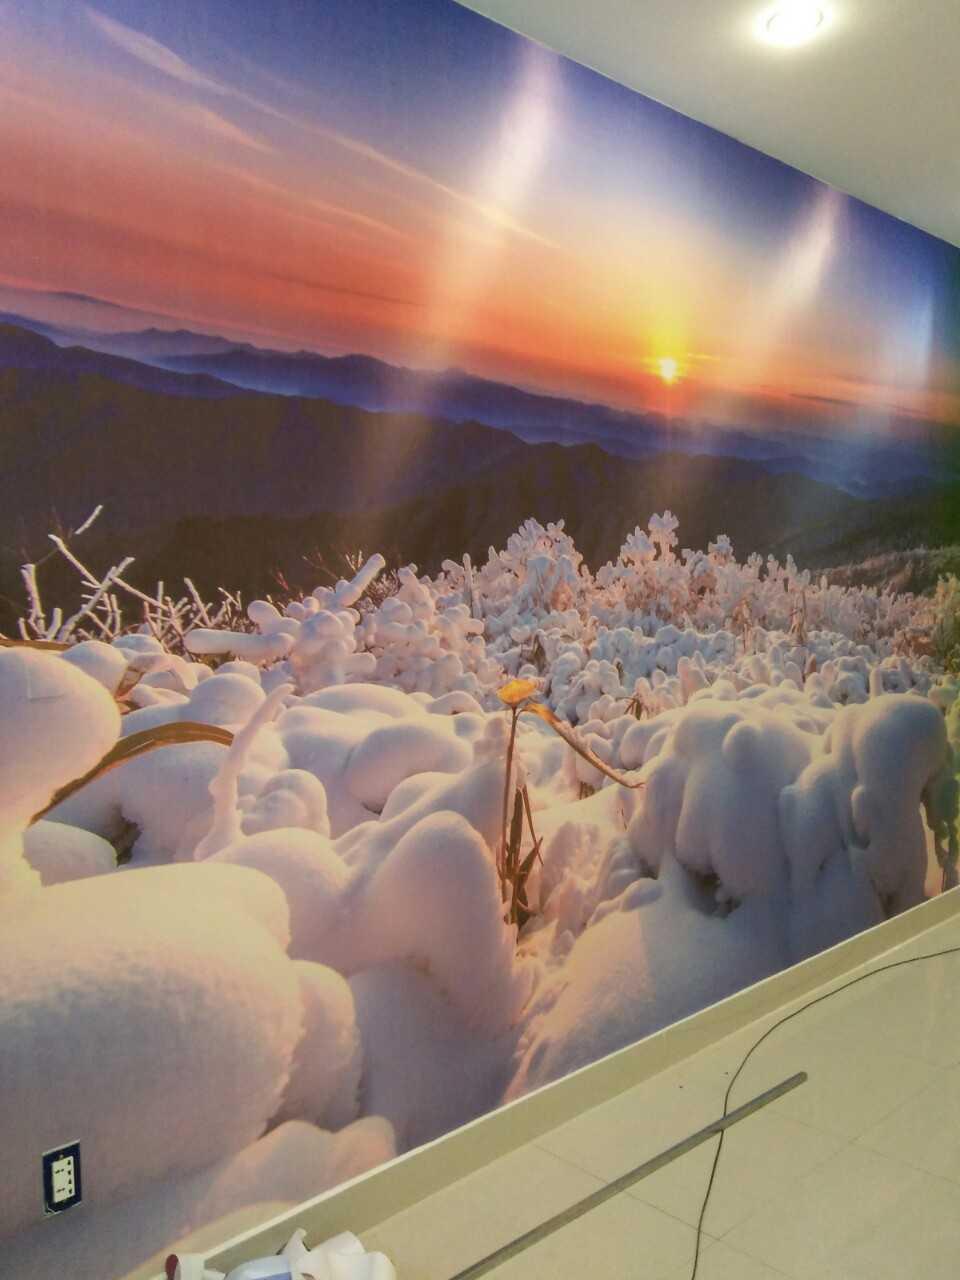 047a520a3051d00f8940 Tranh vải dán tường mùa đông không lạnh